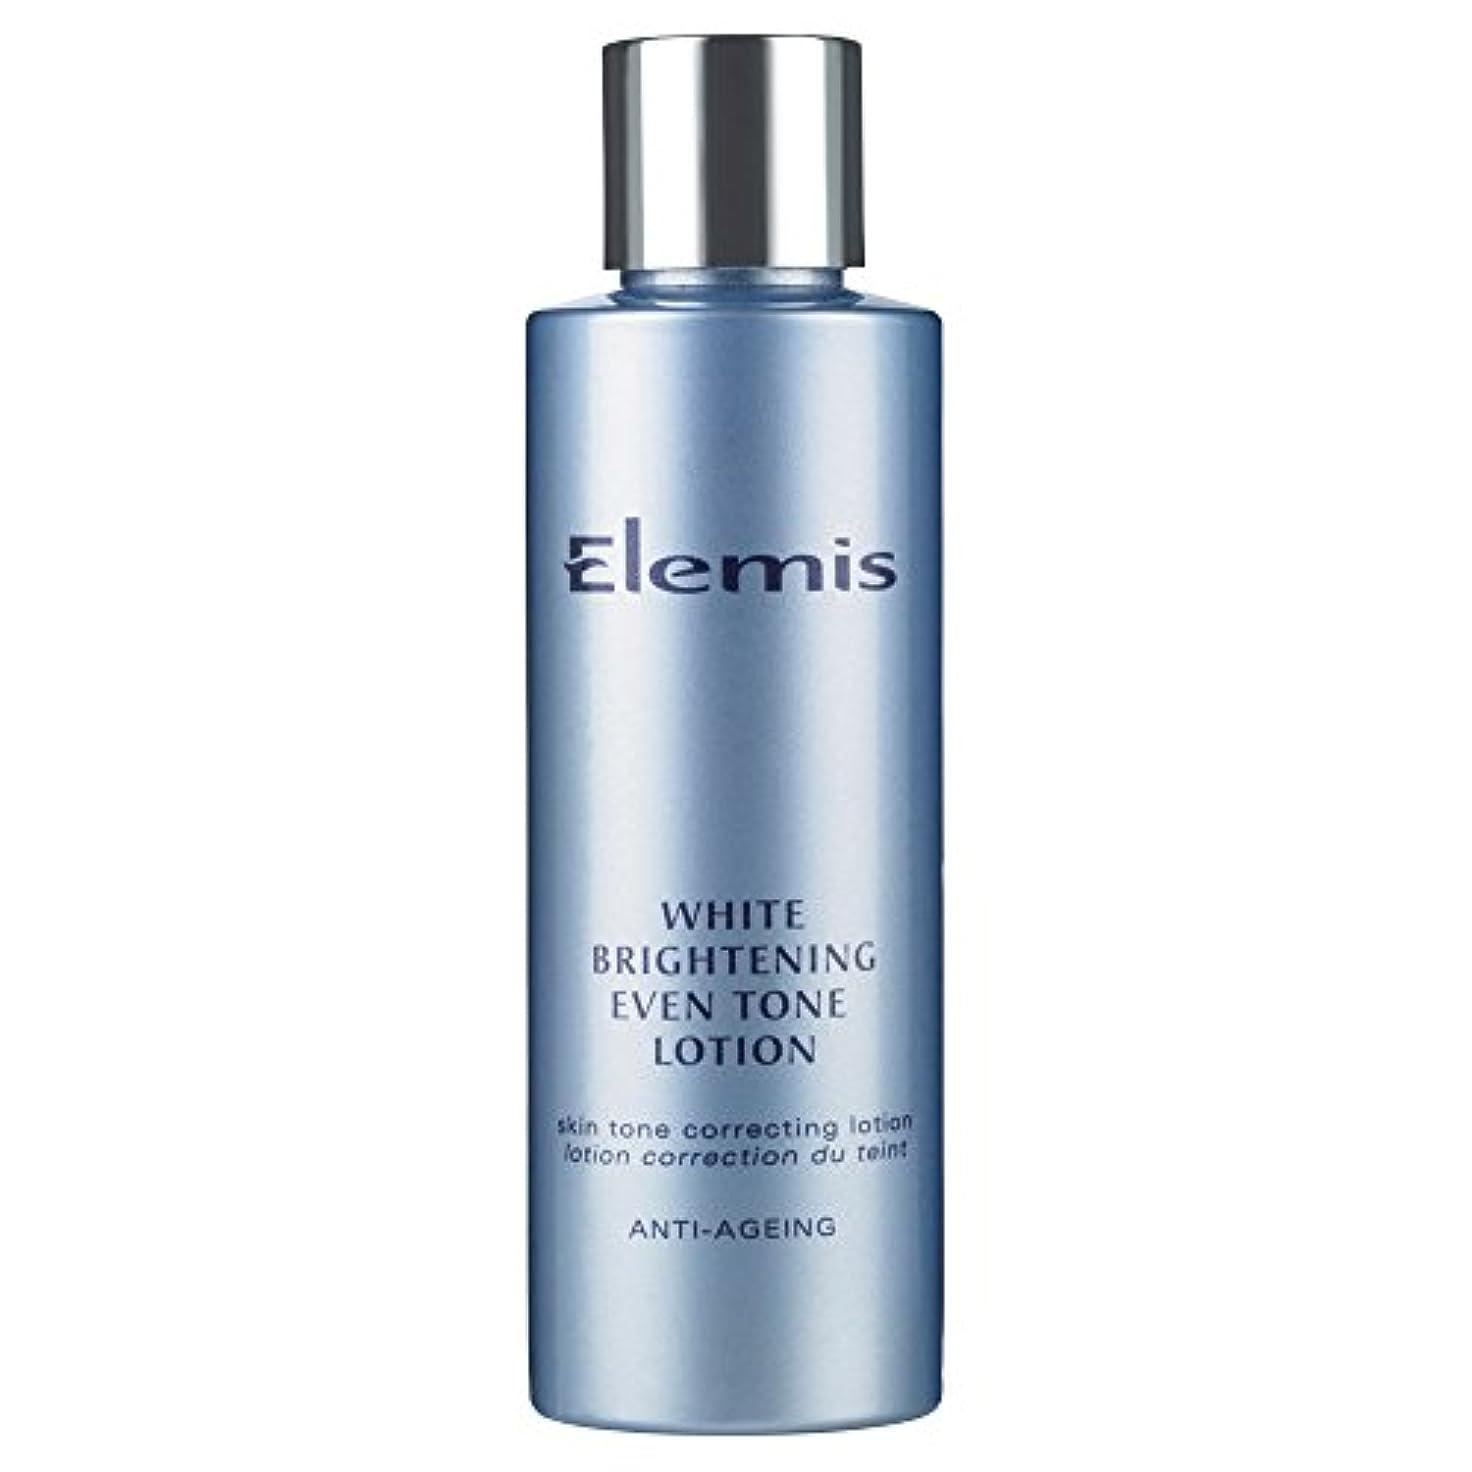 豪華な援助する感情エレミス白い光沢さえトーンローション150ミリリットル (Elemis) - Elemis White Brightening Even Tone Lotion 150ml [並行輸入品]